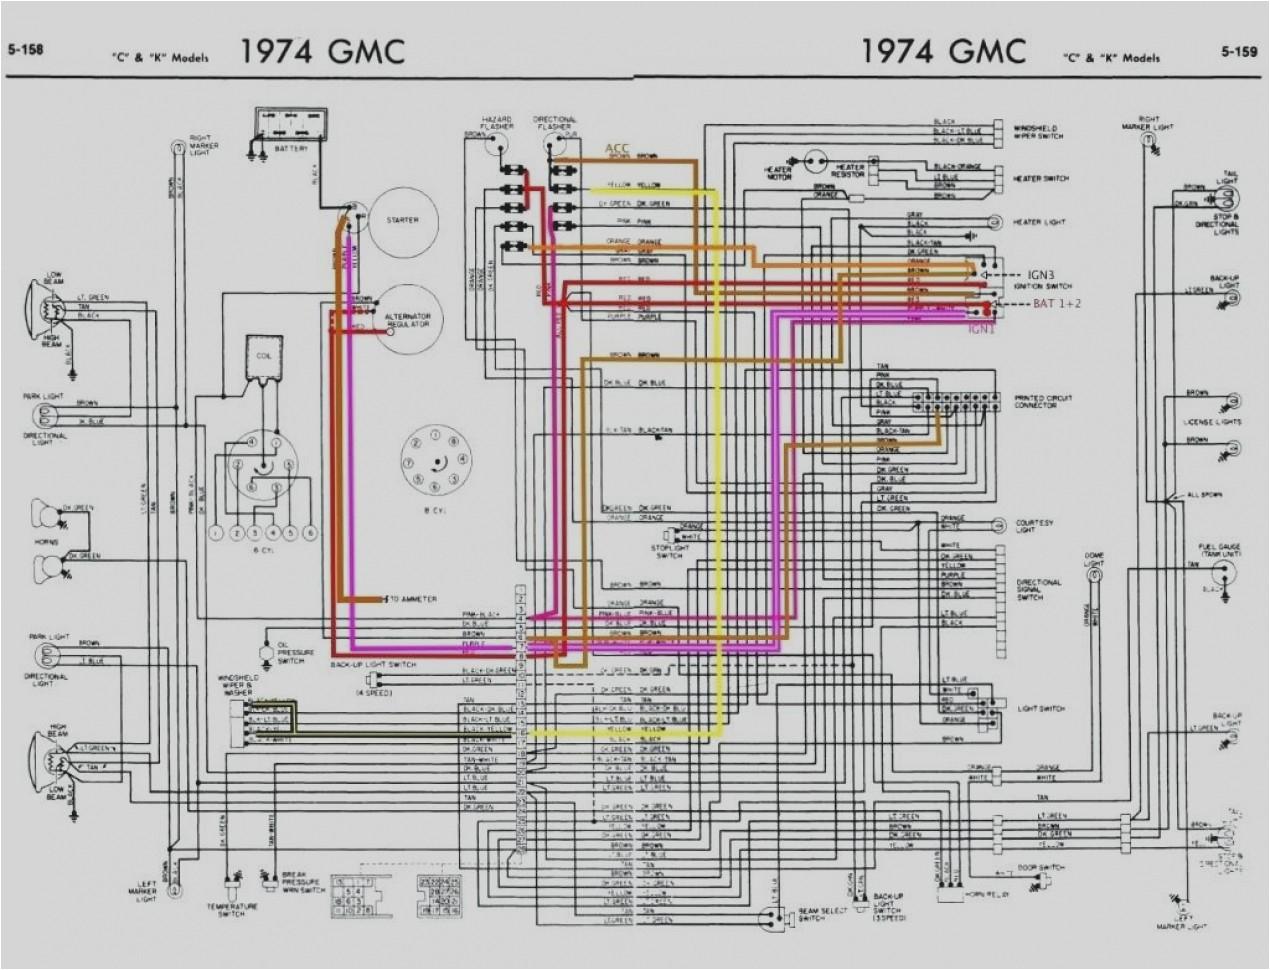 gmc truck wiring schema diagram database 73 gmc truck wiring diagram